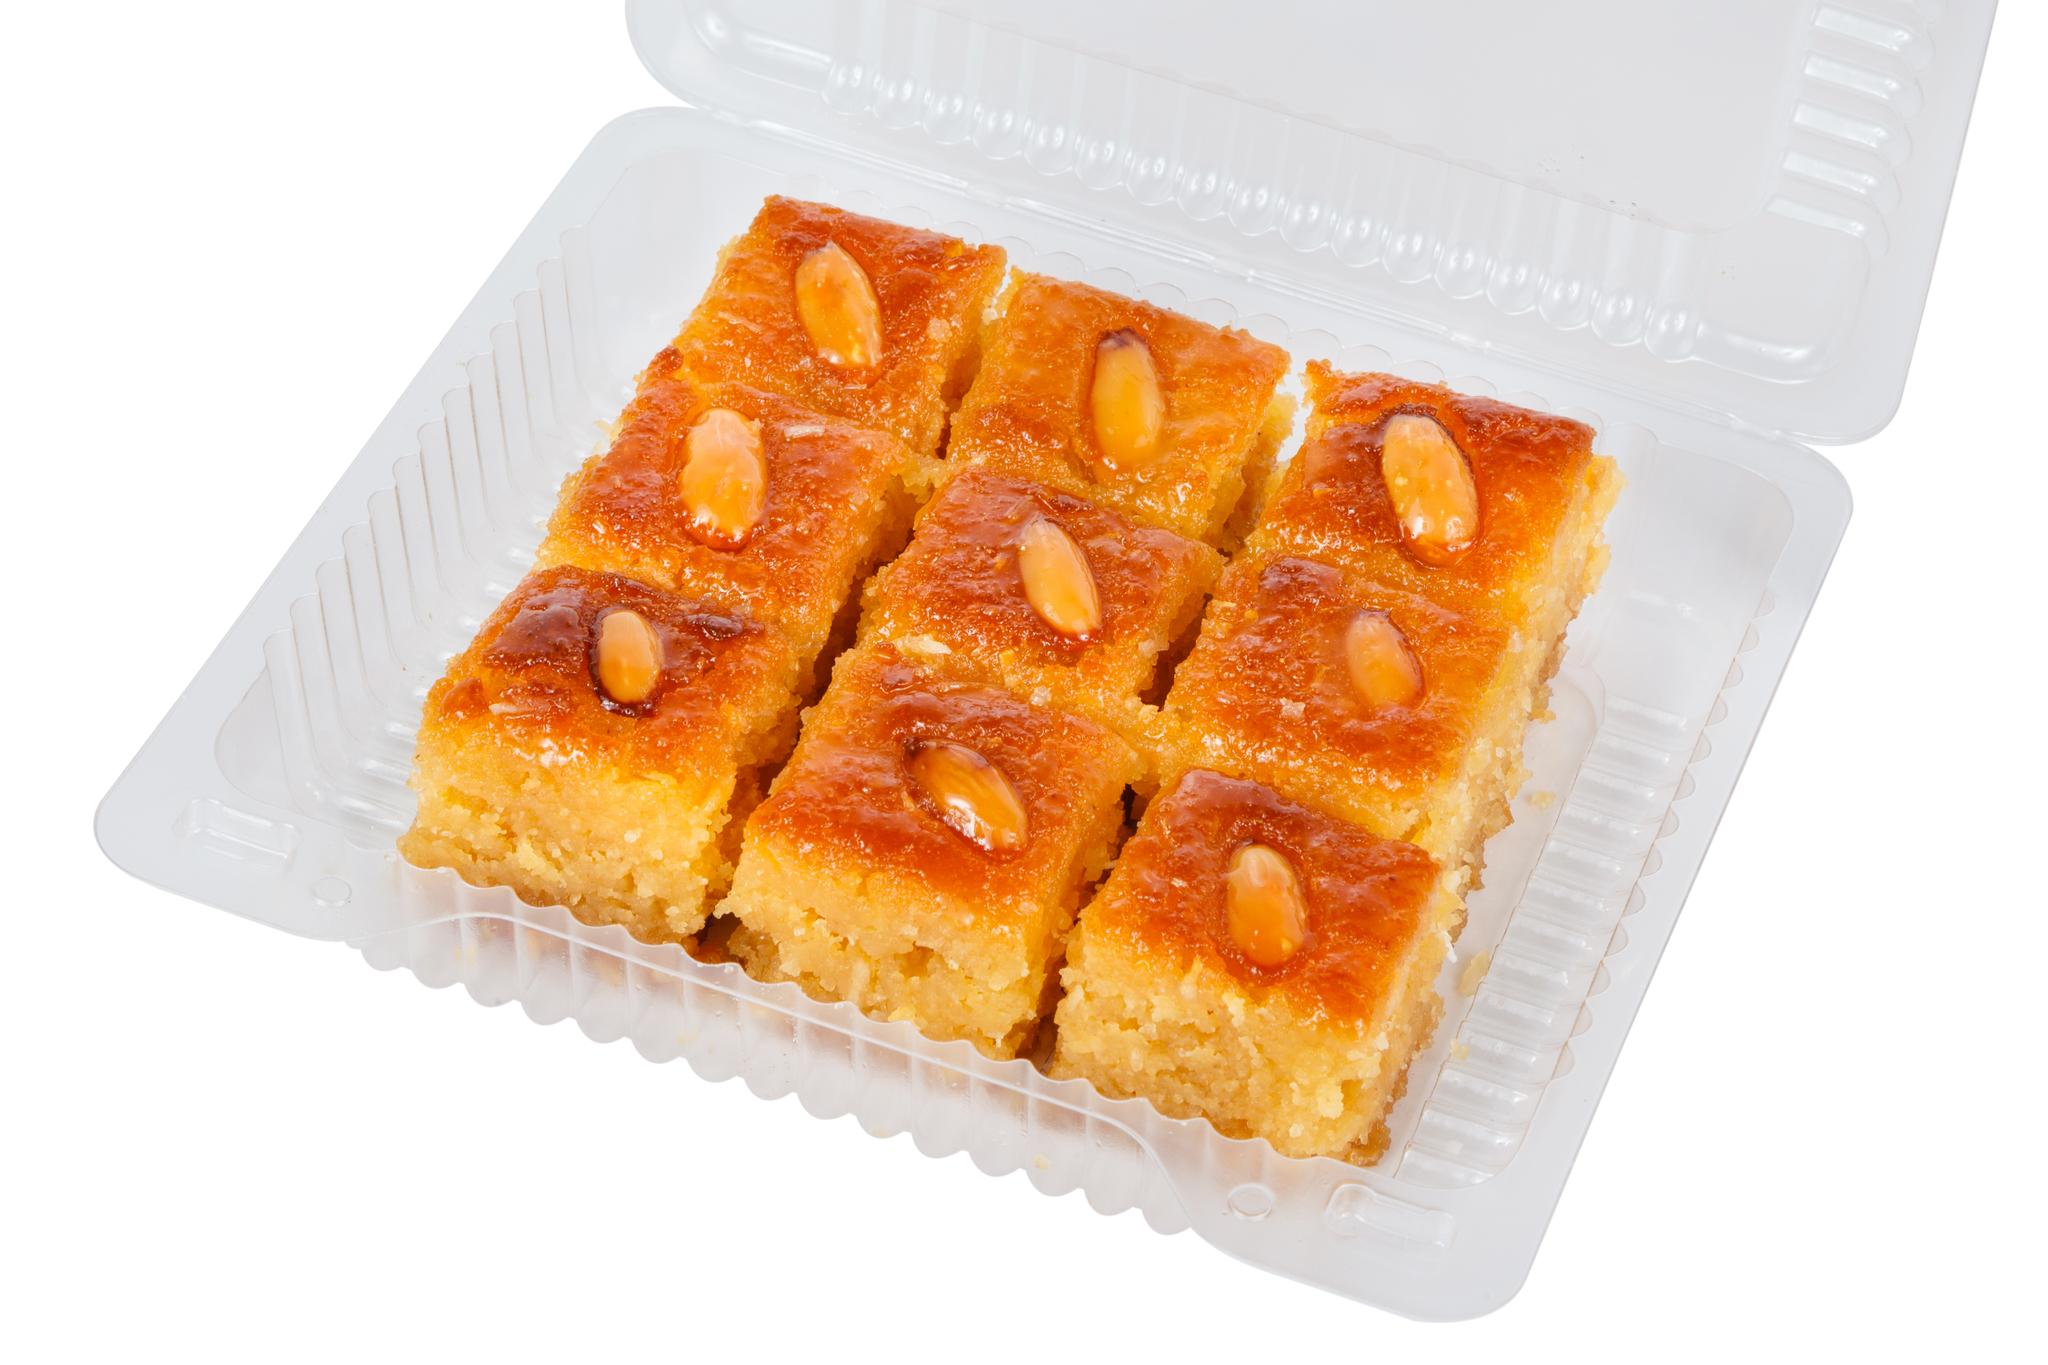 Восточные десерты Восточный десерт Намура с миндалем, 400 г import_files_7e_7e6d0bbf787e11e799f3606c664b1de1_22677810ae6c11e7b011fcaa1488e48f.jpg